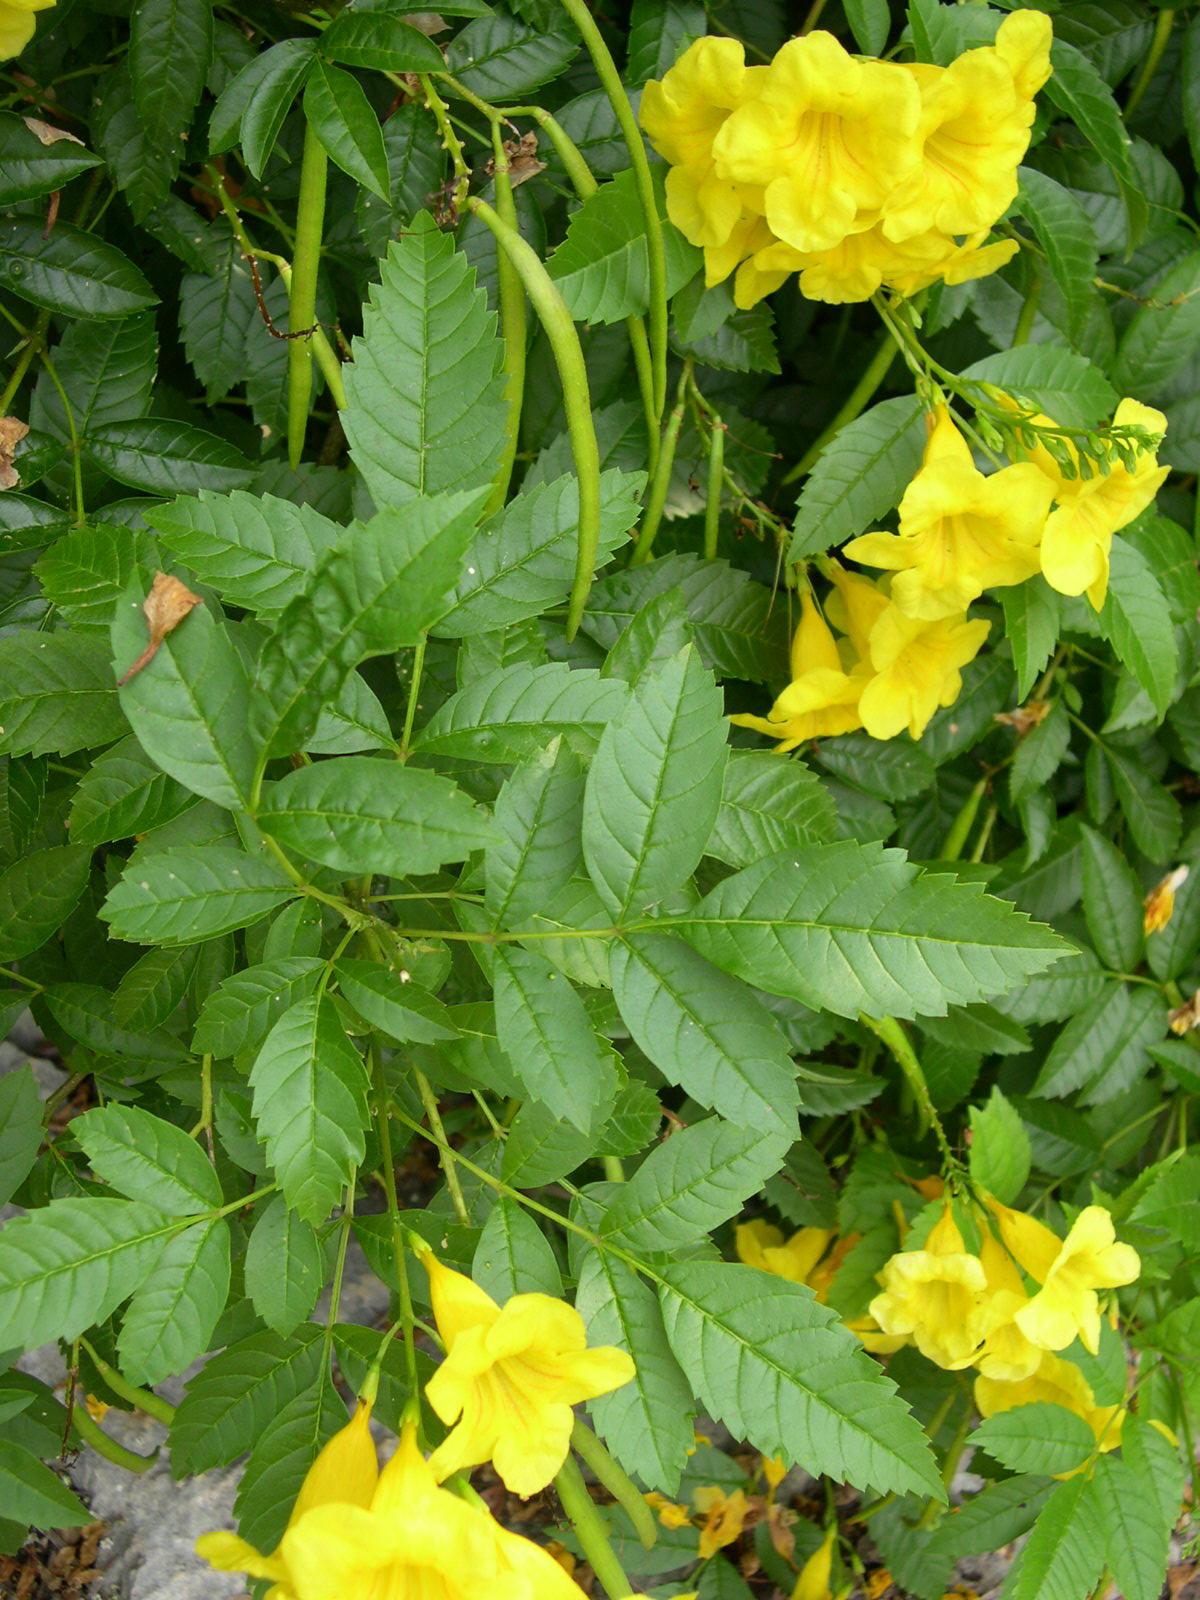 une plante - ajonc  - 18 aout trouvée par Martine Tecoma%20stans%20lvs